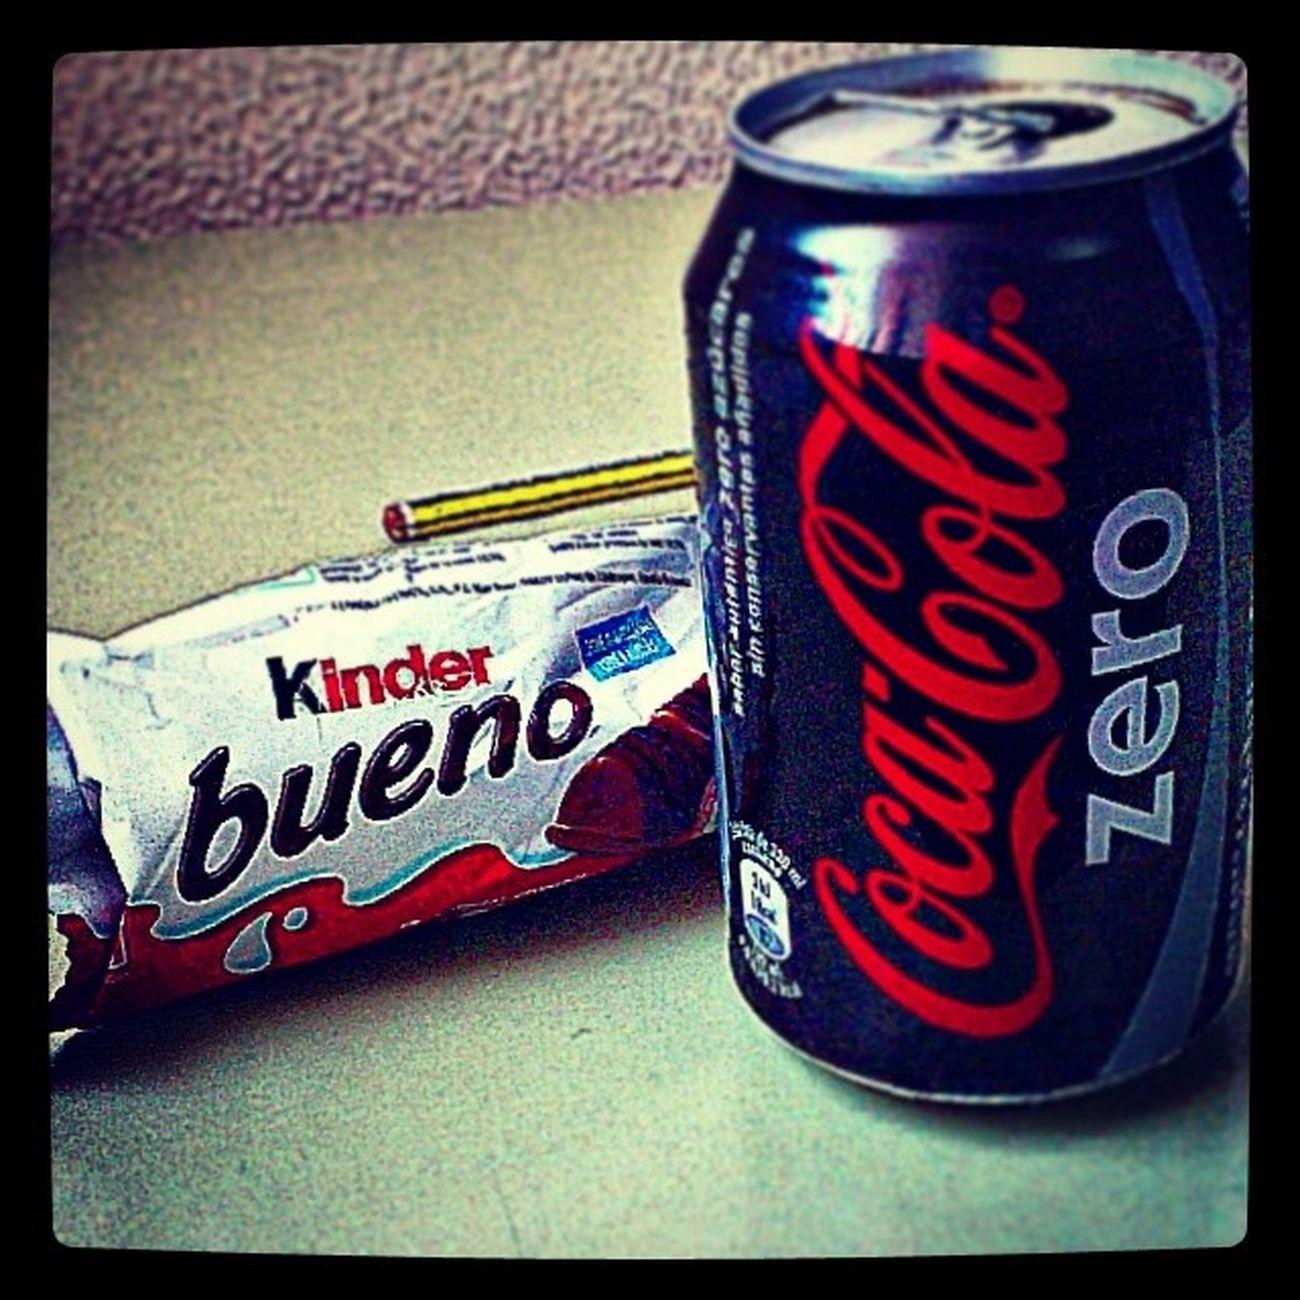 Breakfast Desayuno Ideal En inclassclaseKinderBueno y CocaColaZero